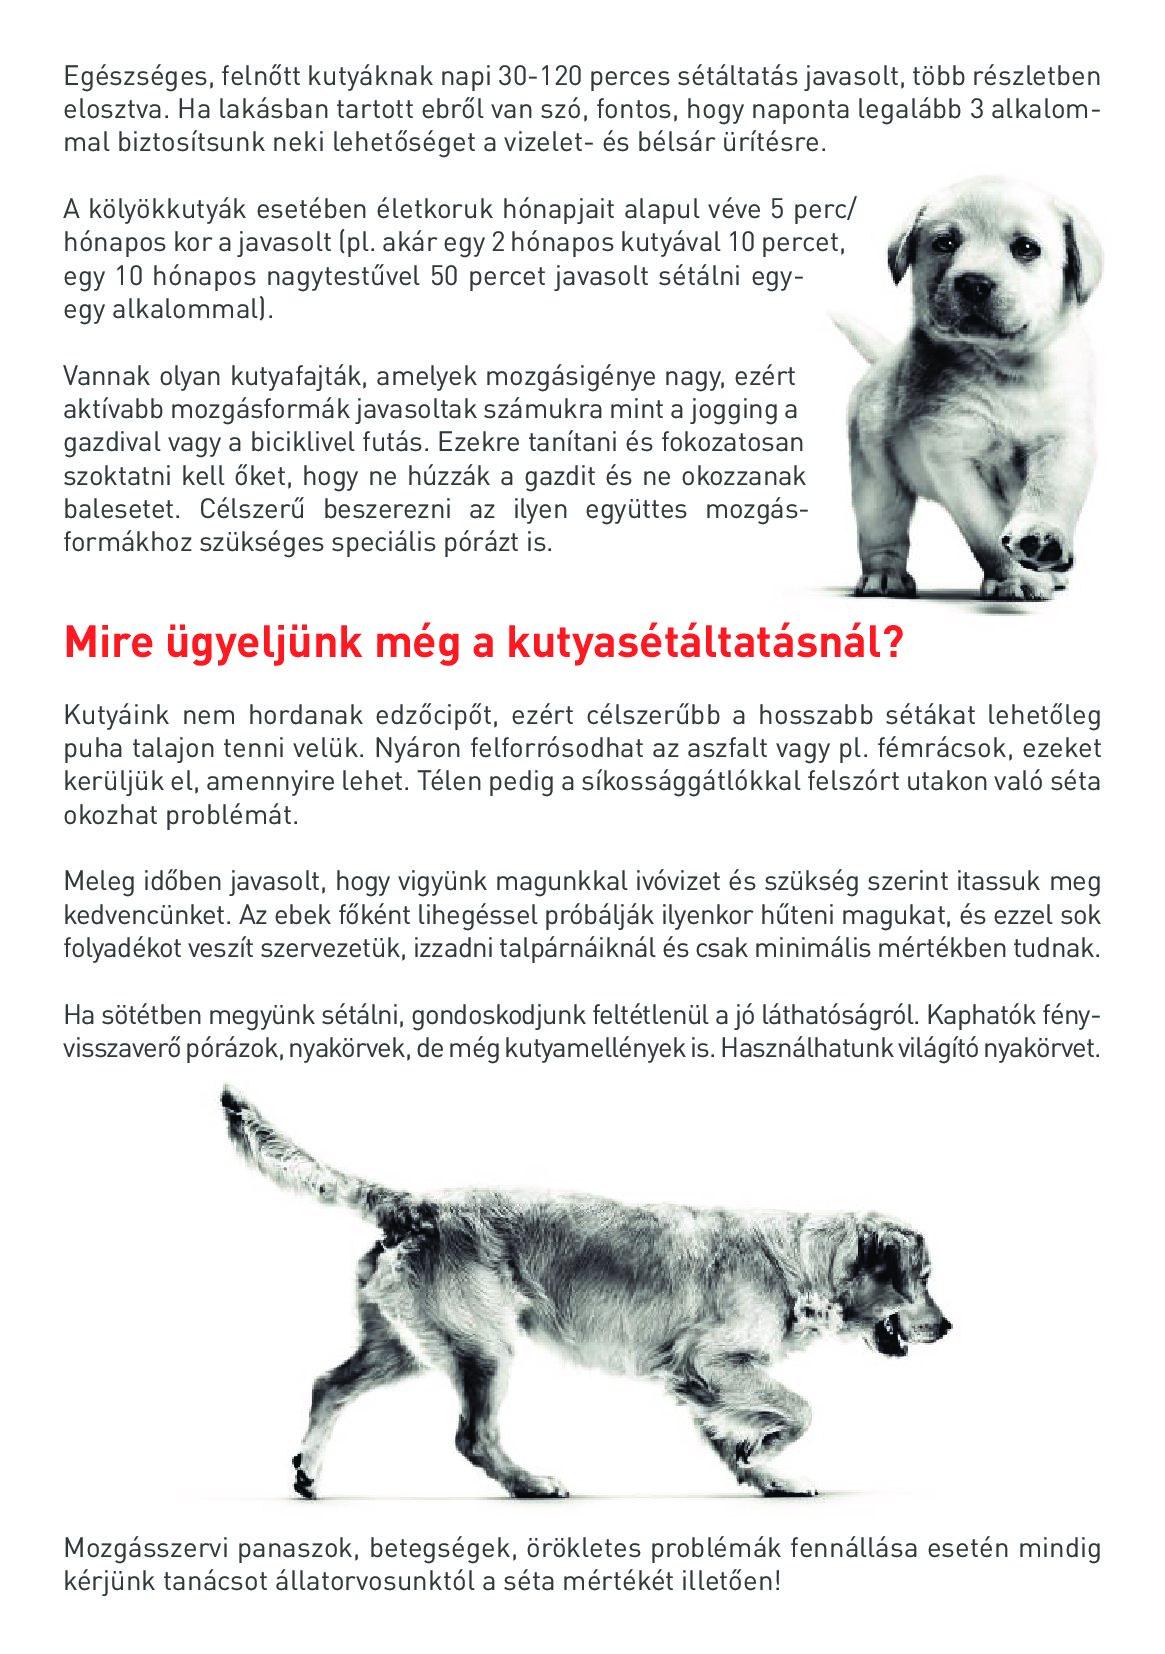 kutyas_t_ltat_si_aj_nl_sok_001.jpg